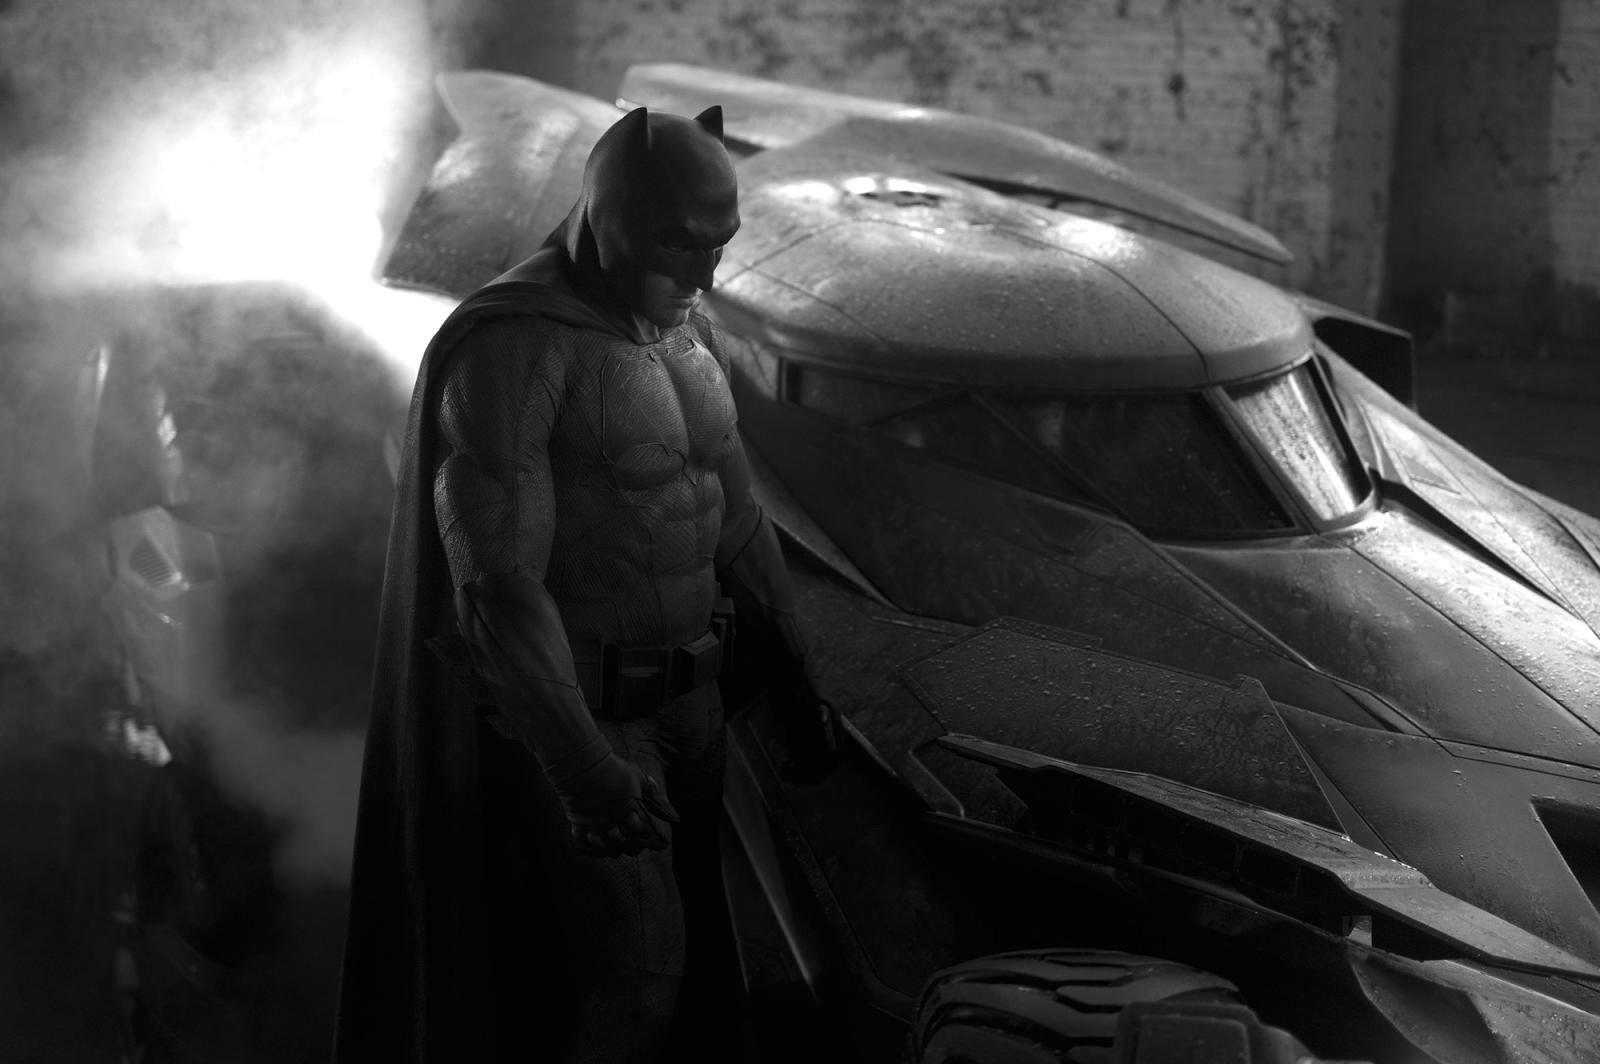 Ben Afleck în noua armură a lui Batman alături de Batmobilul său.